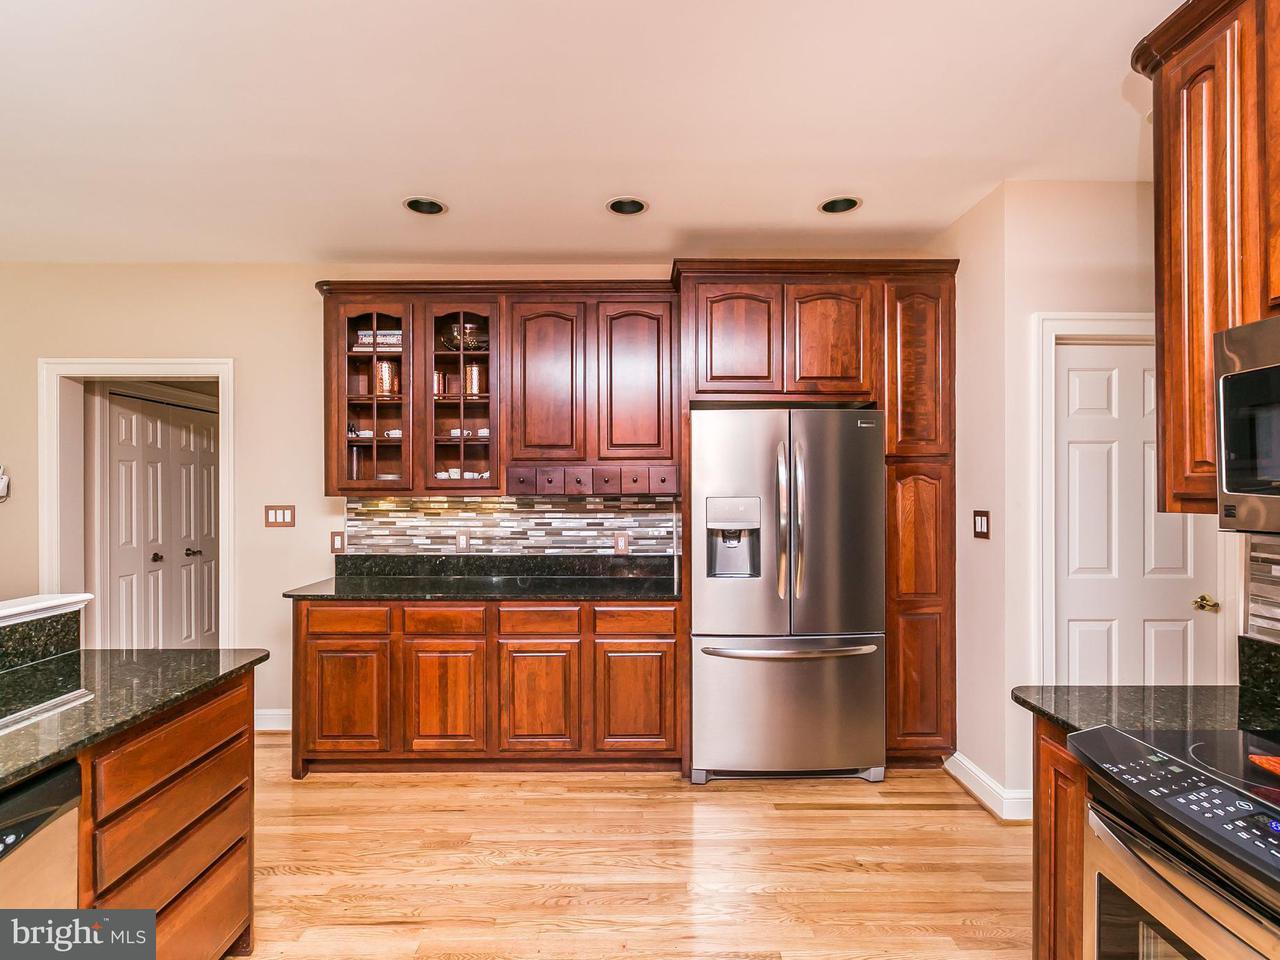 一戸建て のために 売買 アット 2415 Fox Creek Lane 2415 Fox Creek Lane Davidsonville, メリーランド 21035 アメリカ合衆国